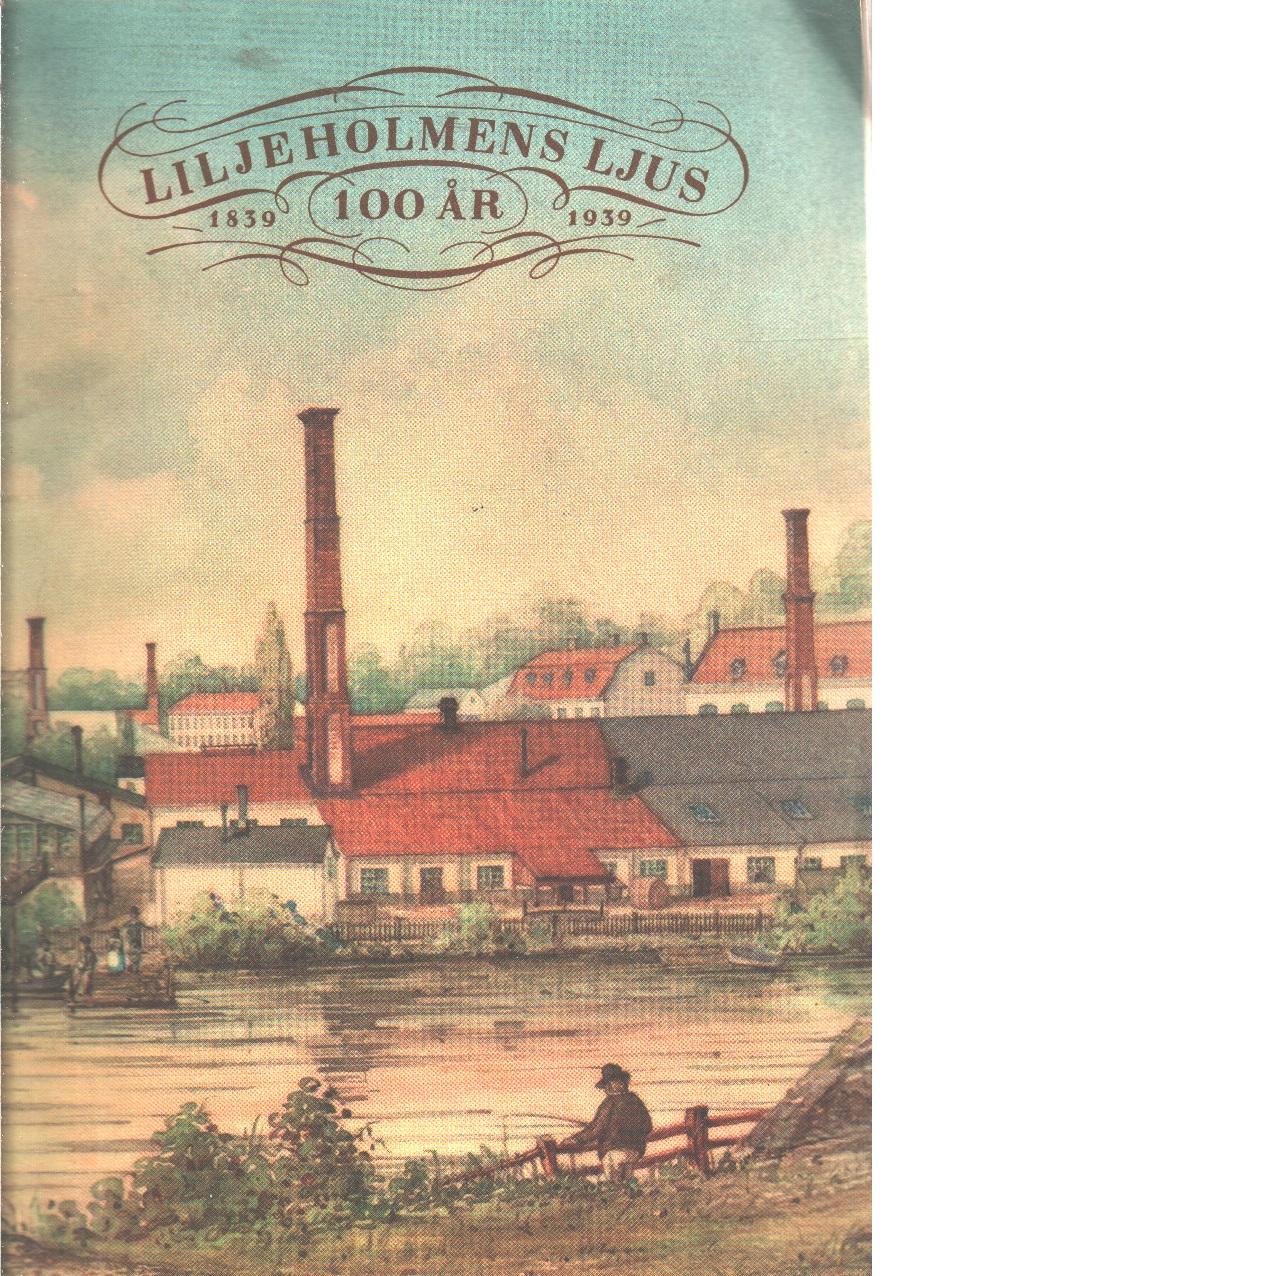 Lijeholmens ljus 1839-1939 100 år - Red.